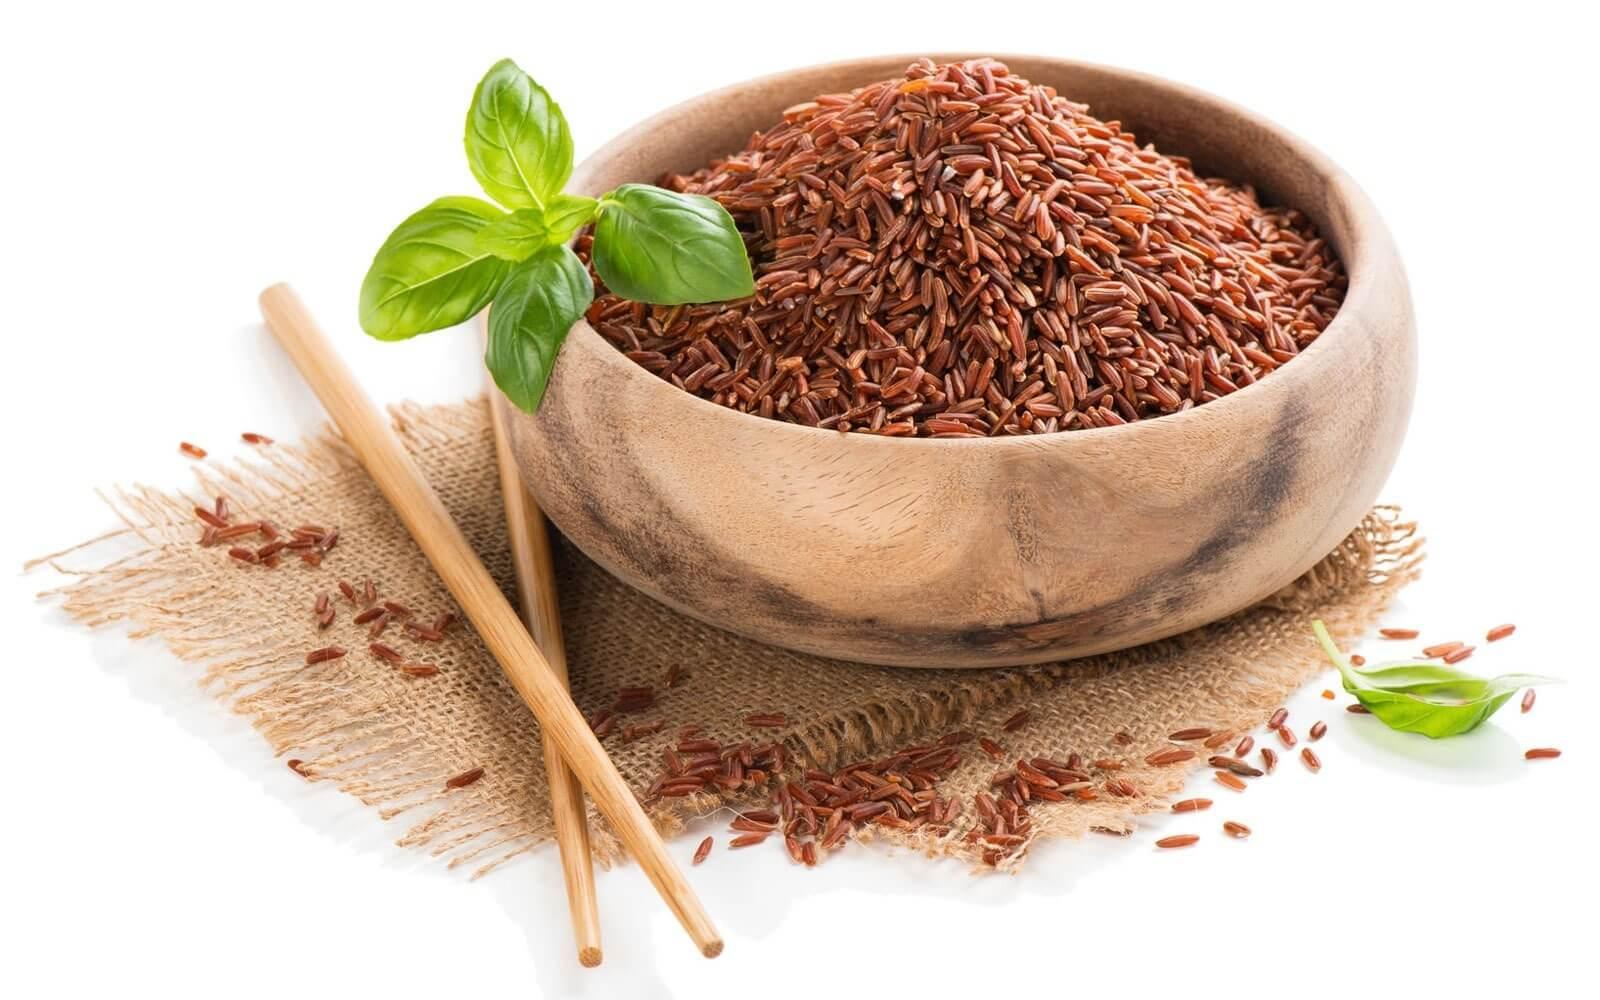 Apakah Nasi Merah Benar-benar Aman?